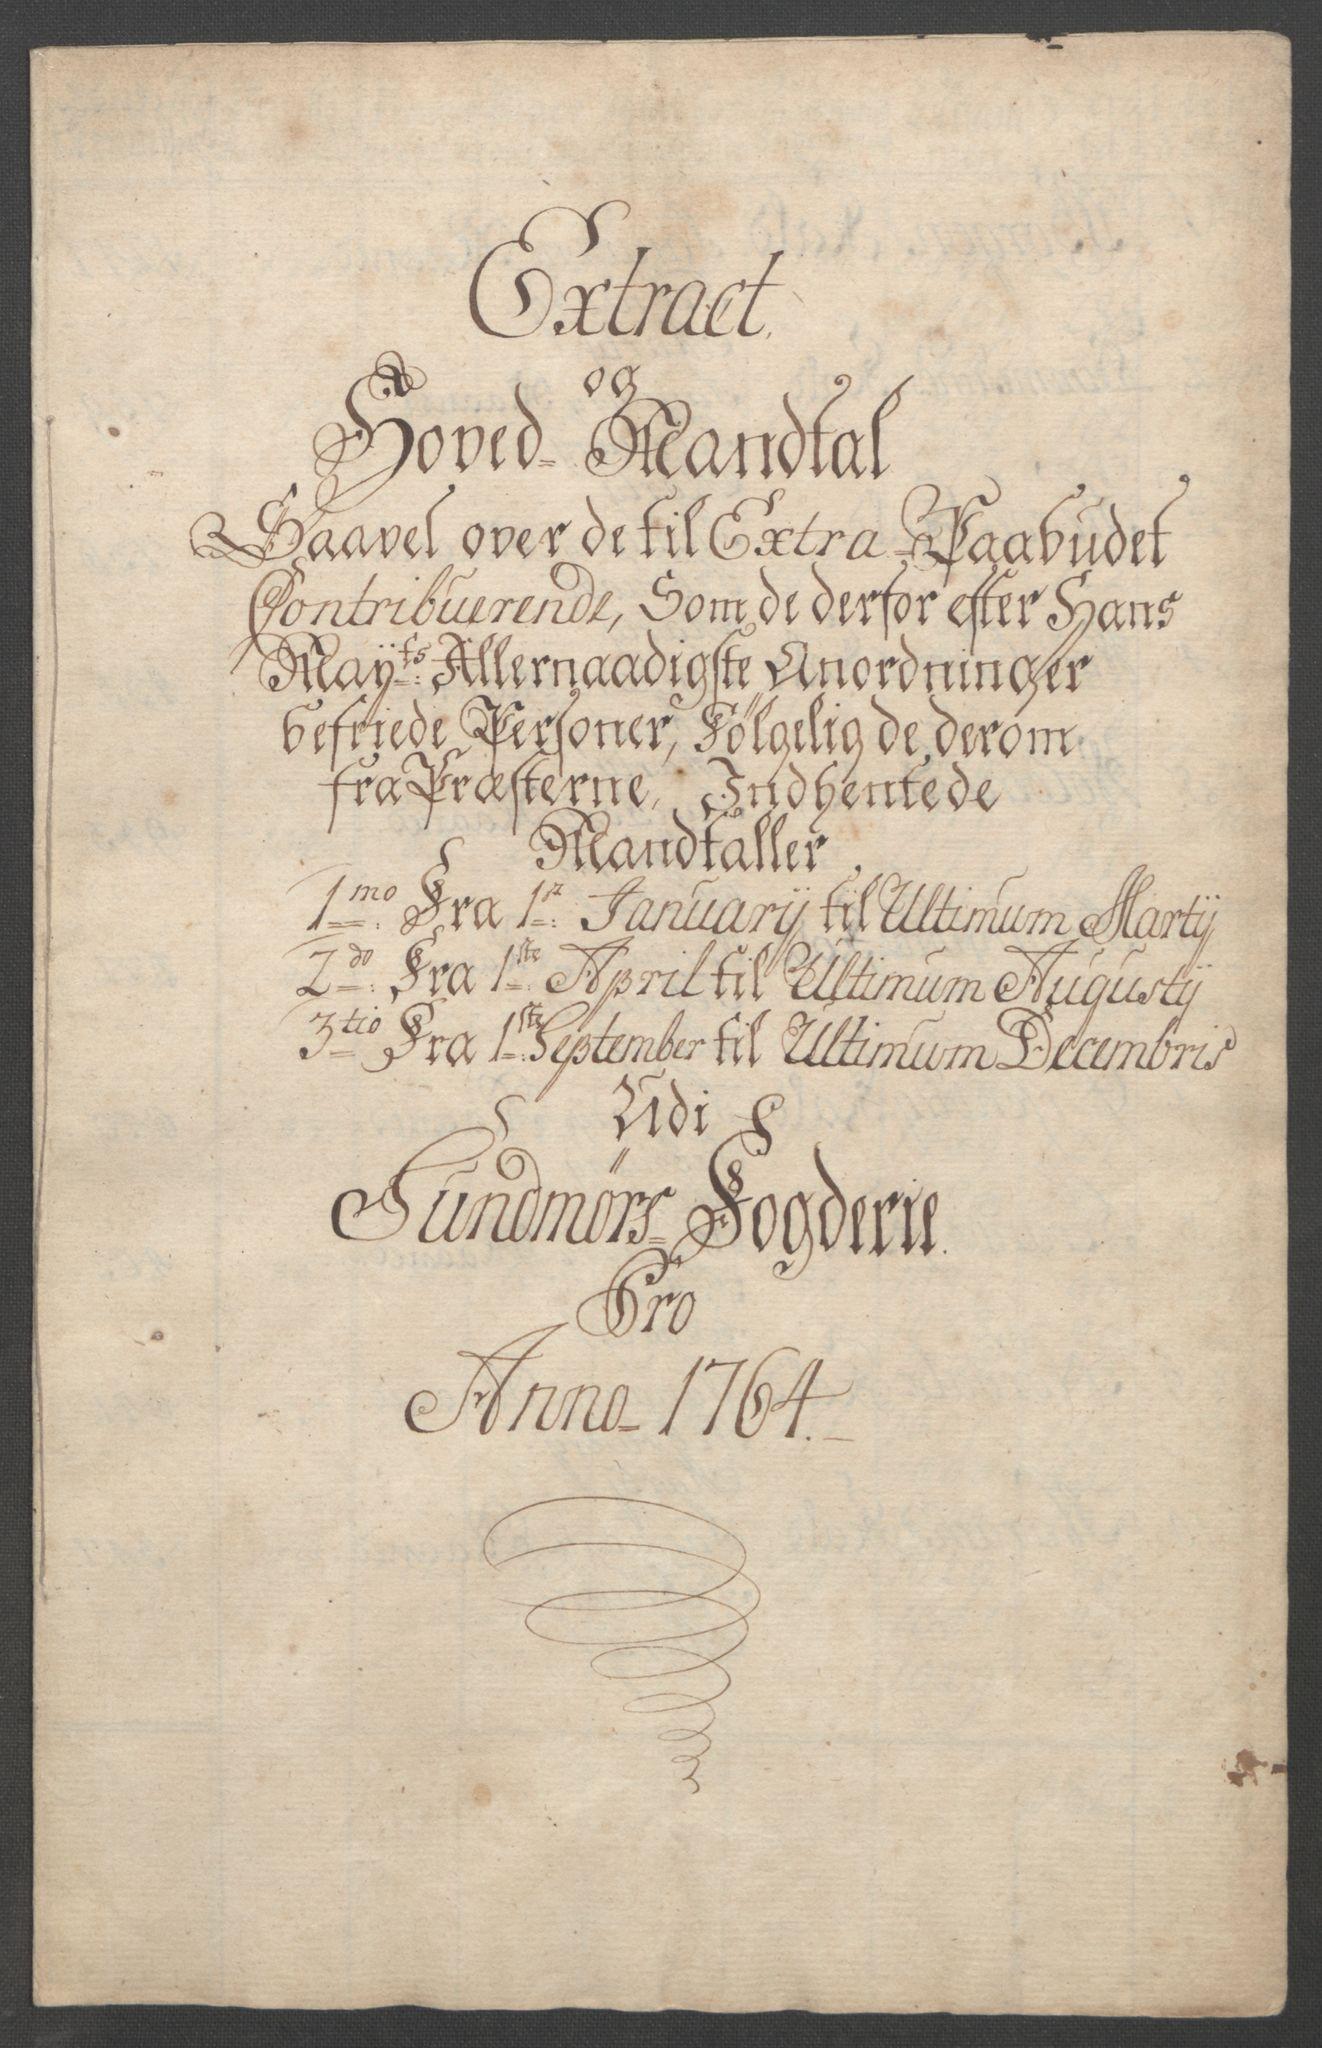 RA, Rentekammeret inntil 1814, Reviderte regnskaper, Fogderegnskap, R54/L3645: Ekstraskatten Sunnmøre, 1762-1772, s. 42